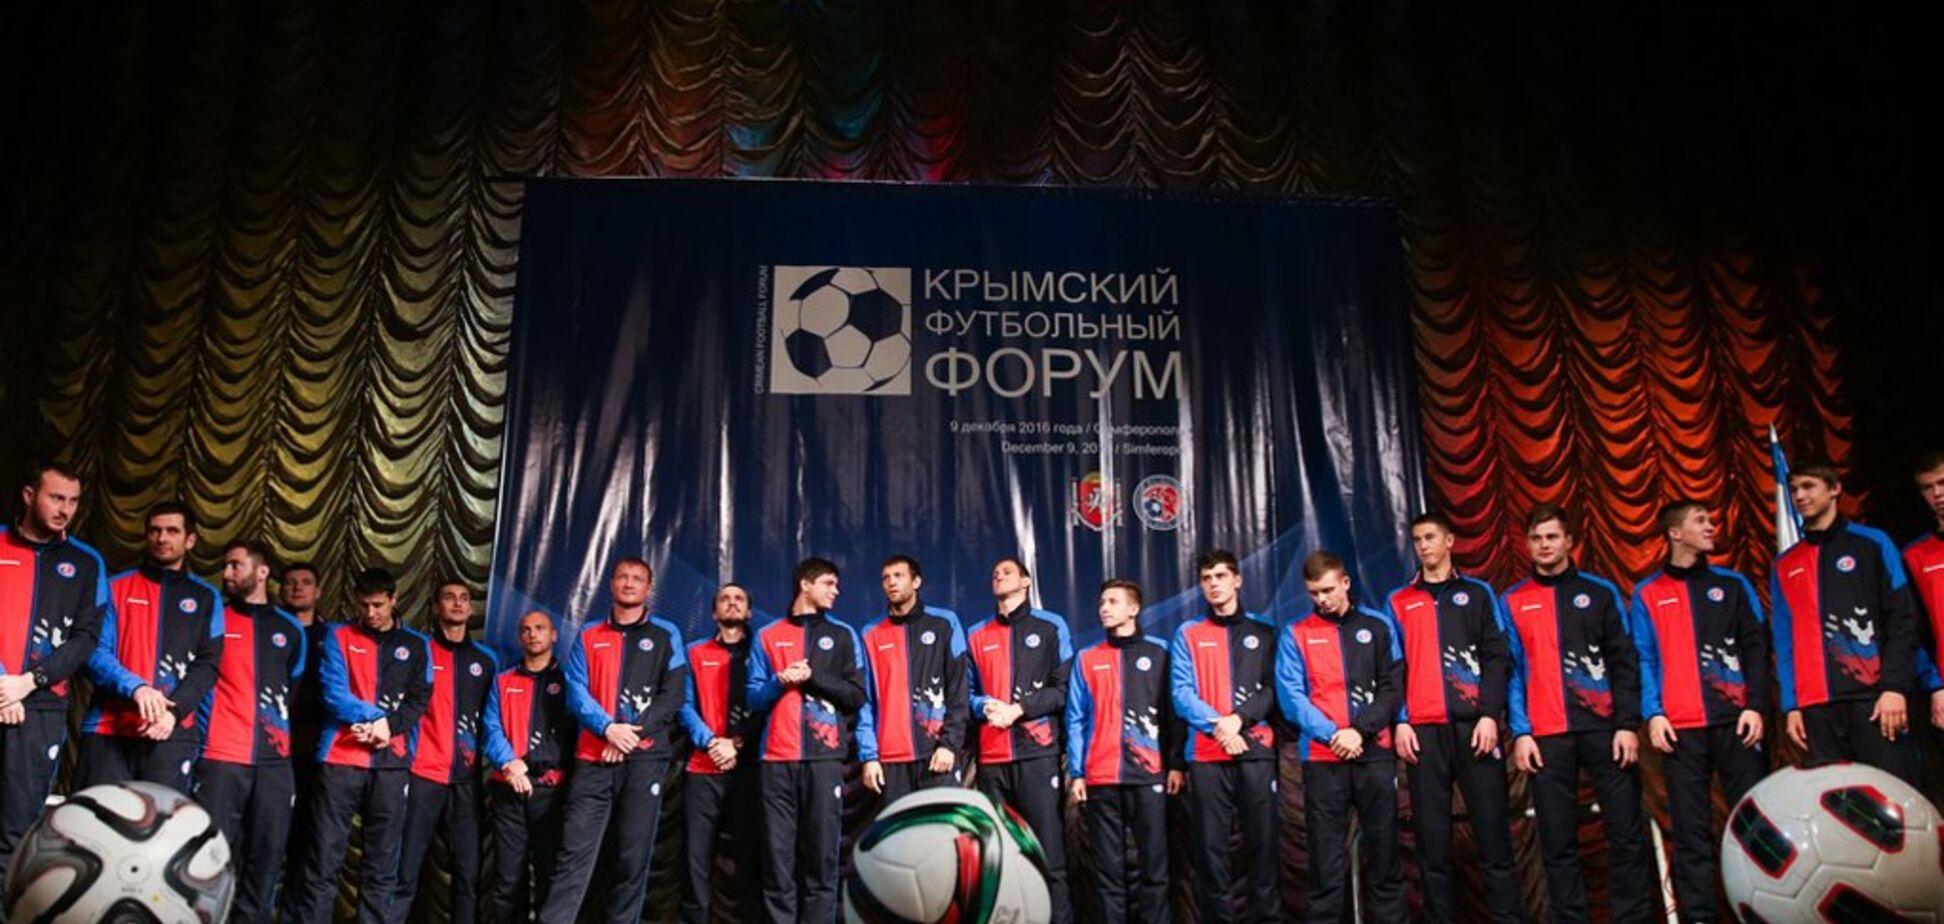 ФИФА завела дело: у России возникли серьезные проблемы из-за Крыма